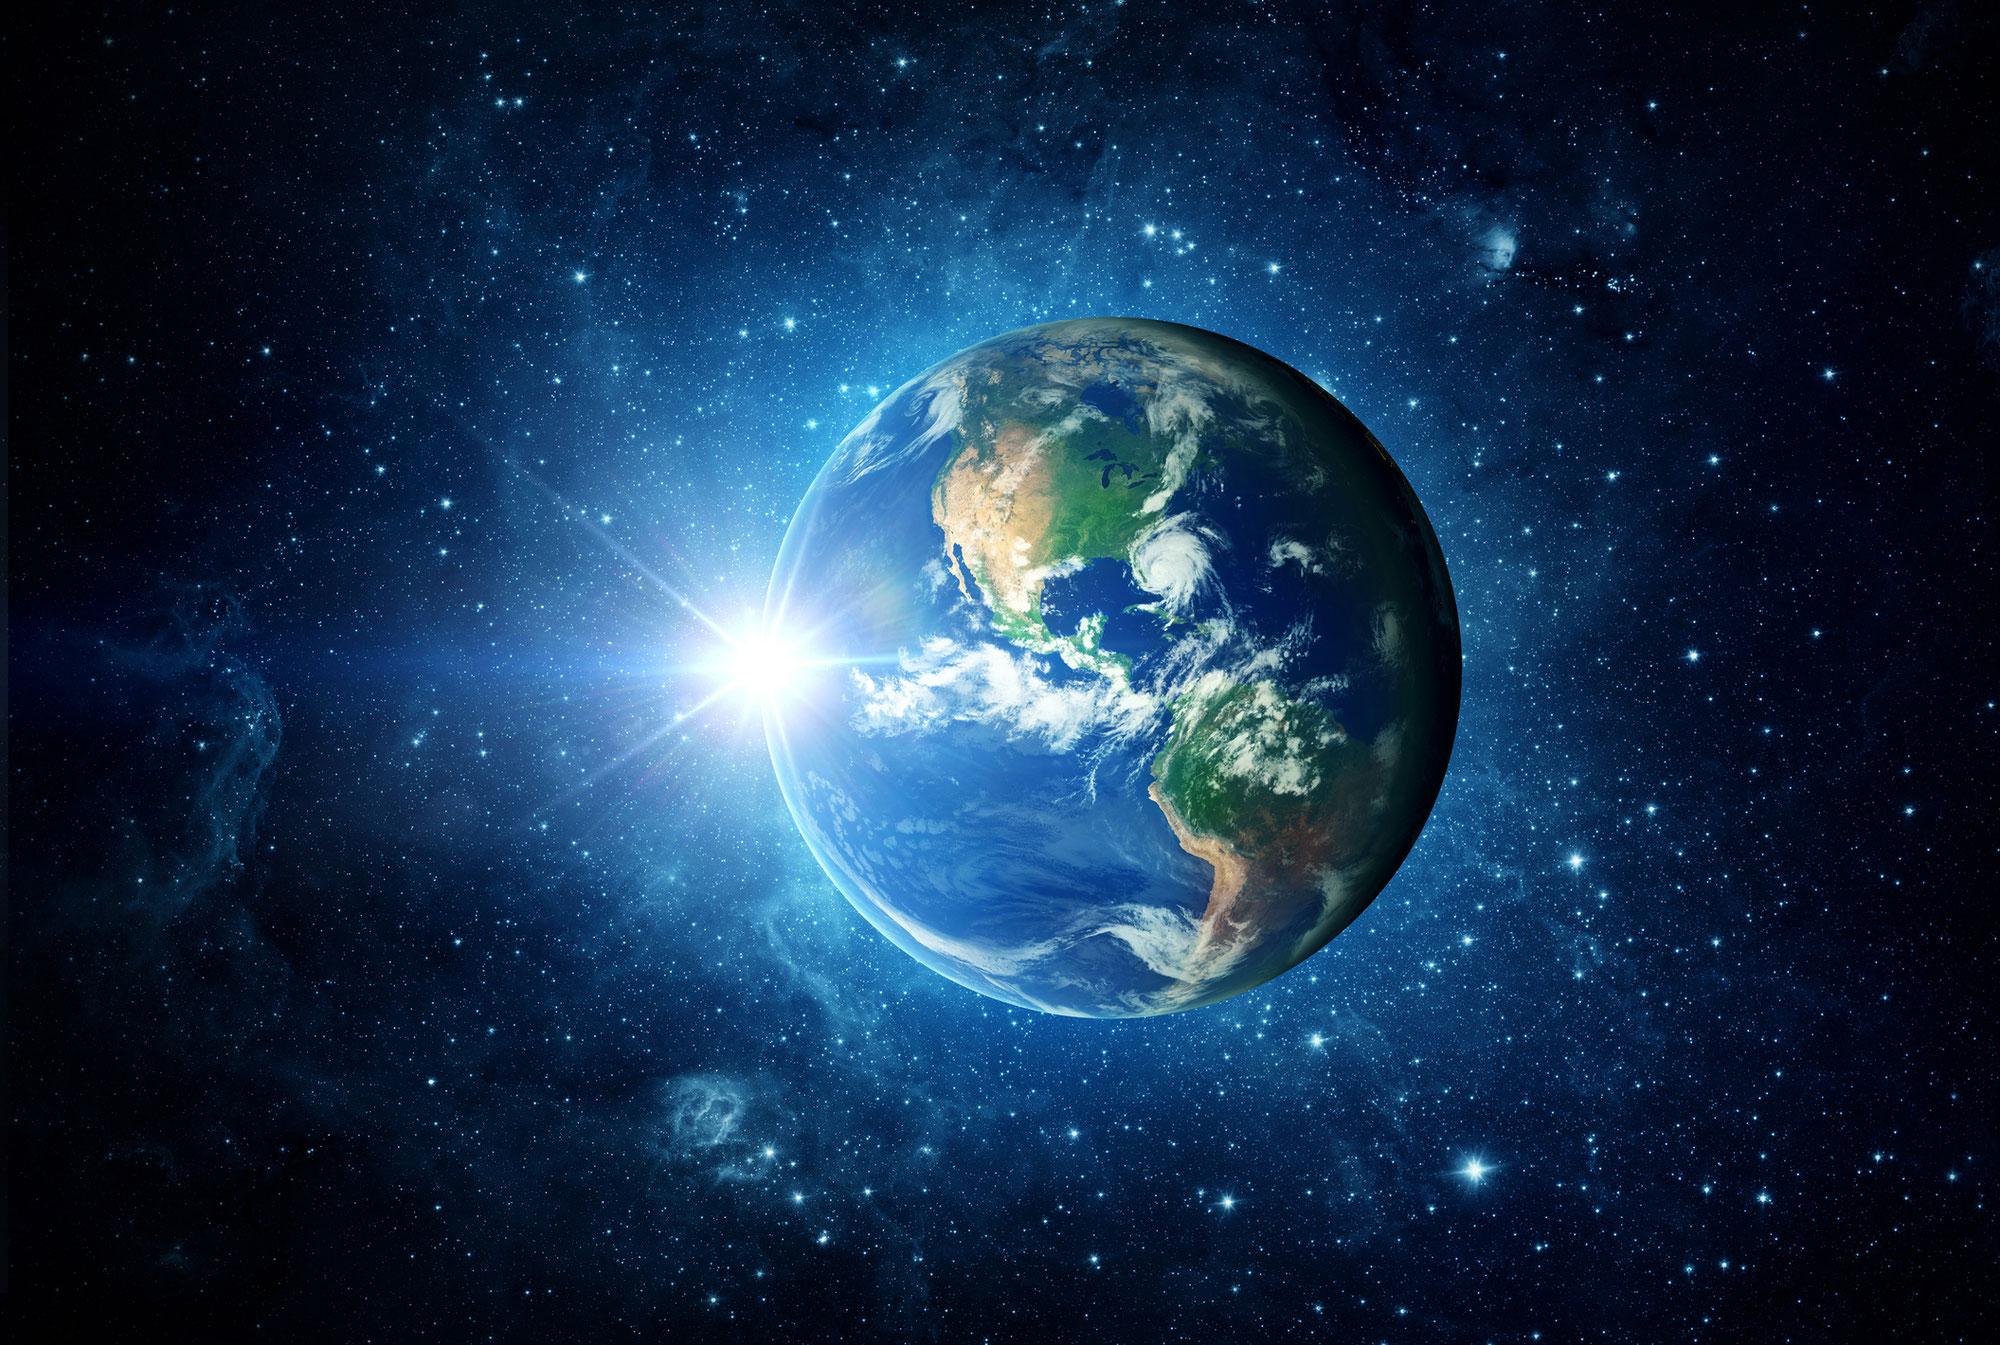 Blijf in je Licht, omarm je Innerlijke Waarheid en Vrijheid! ♥ Mieke Vulink ♥ Lichtwerkers Nederland